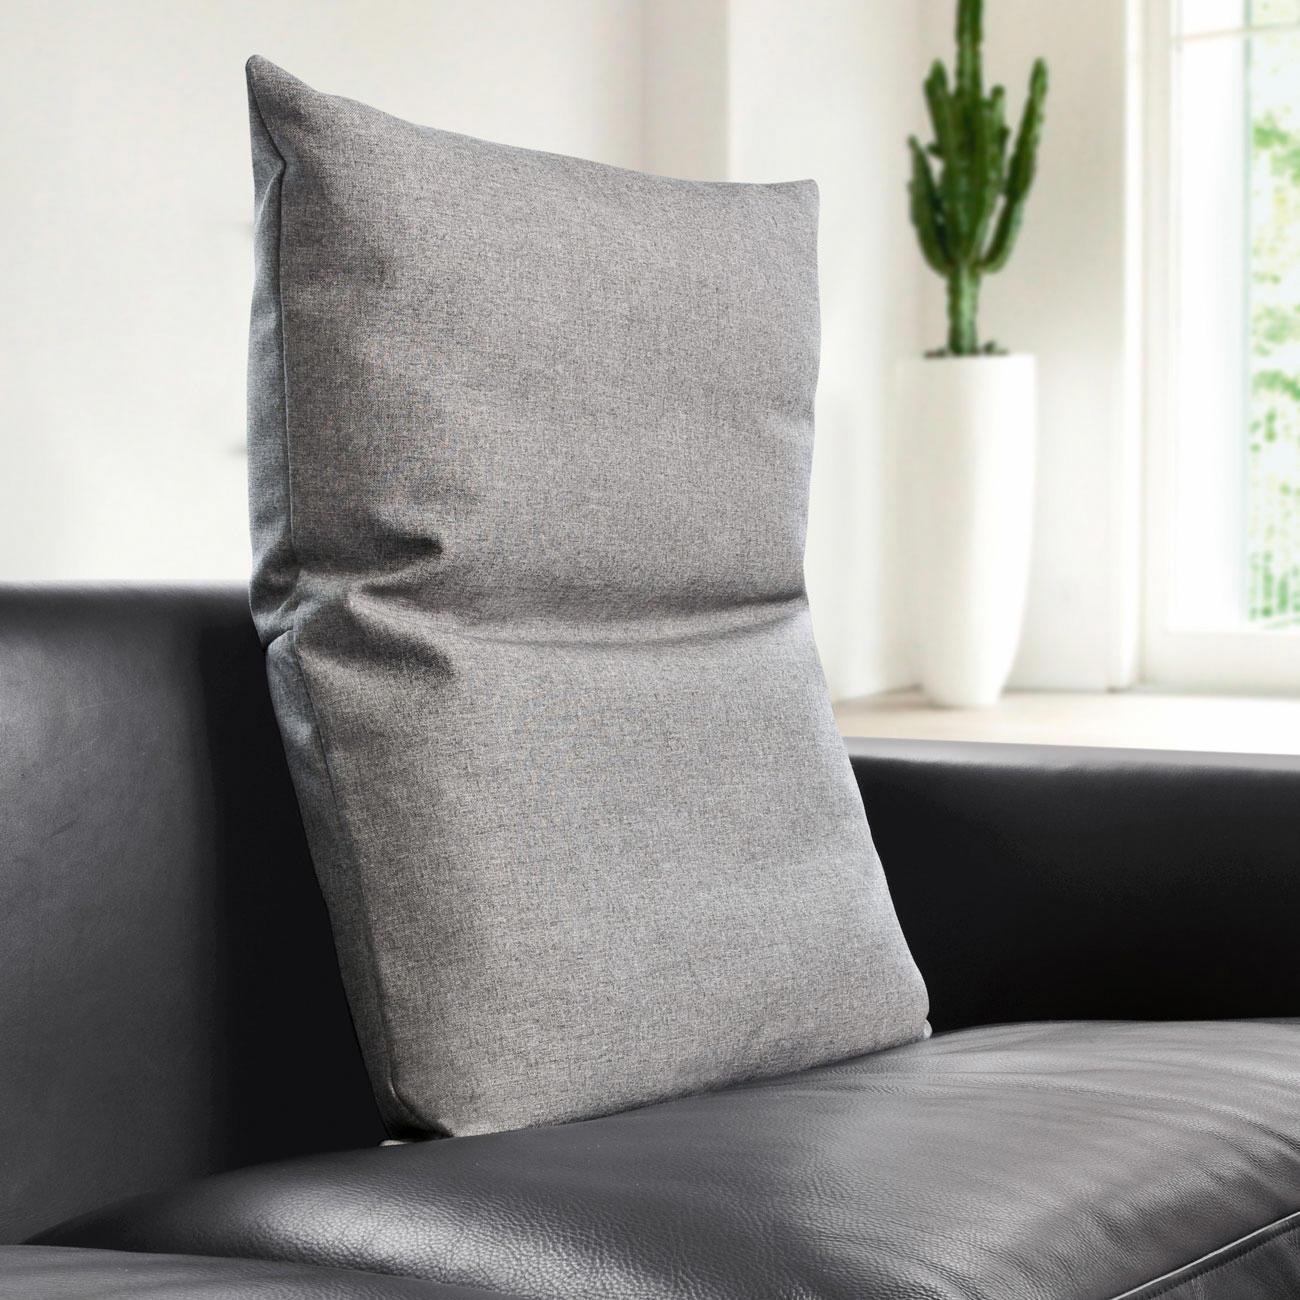 Bullfrog® Rückenkissen für Sofas & Sessel in versch. Farben